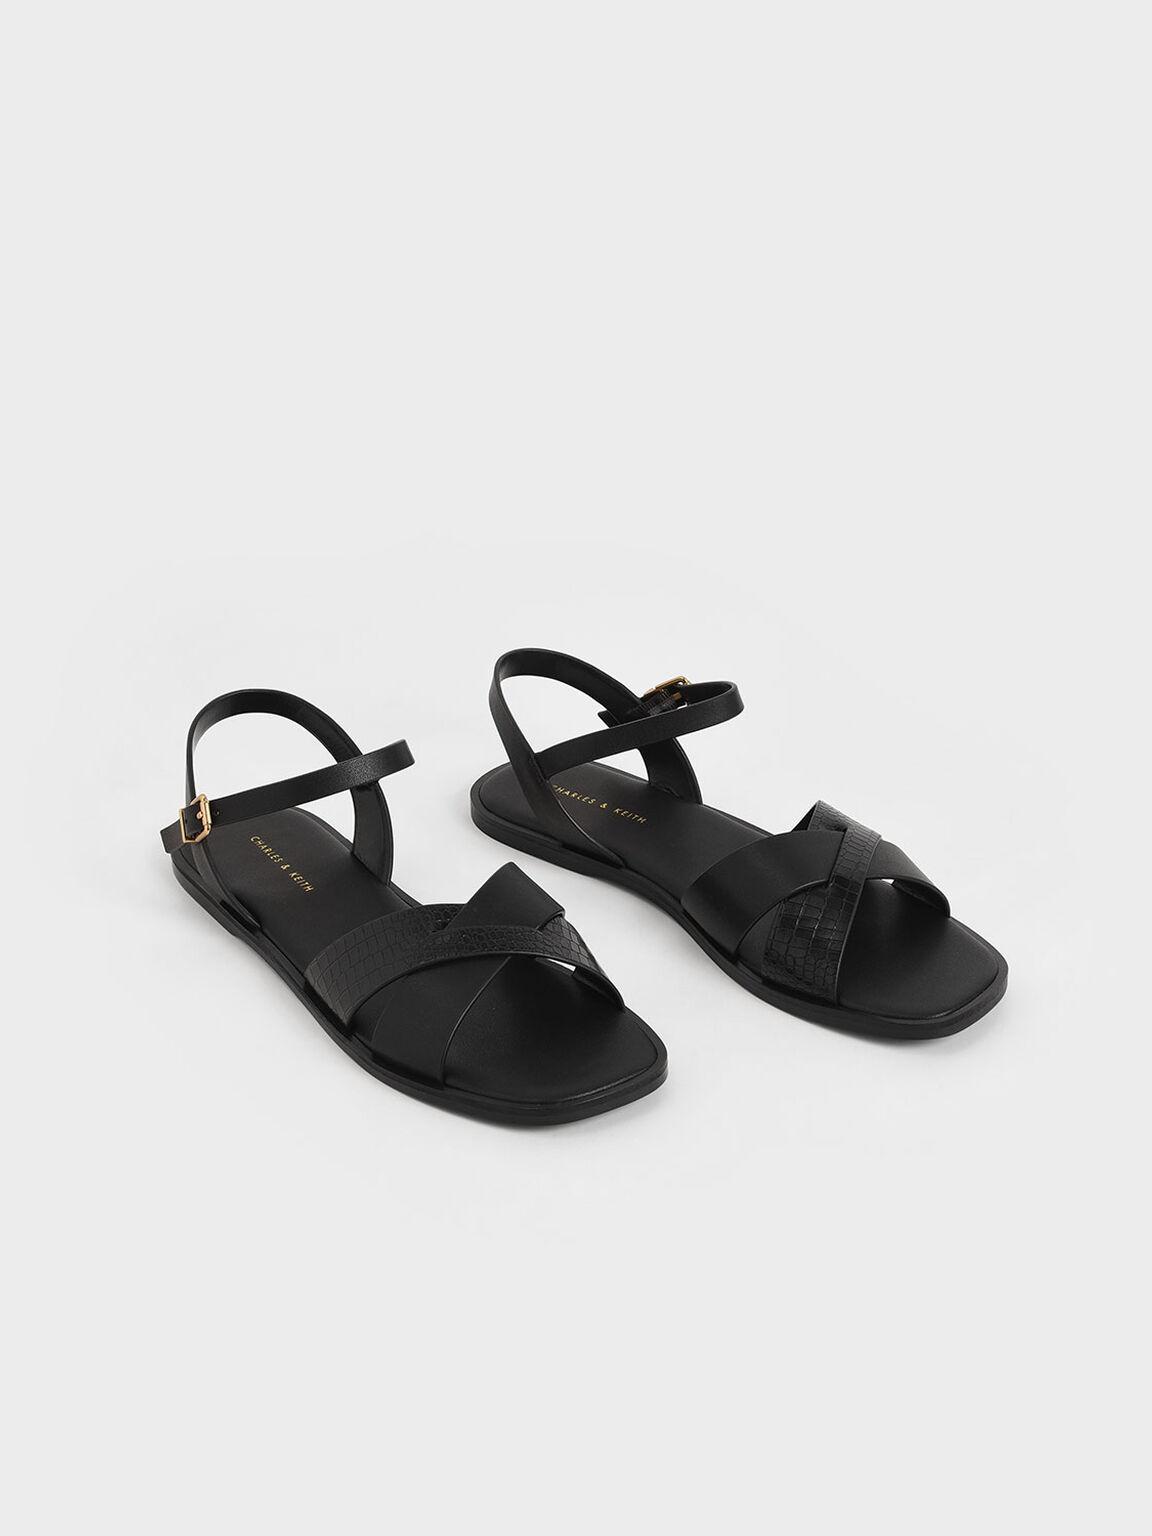 Mock-Croc Flat Sandals, Black, hi-res